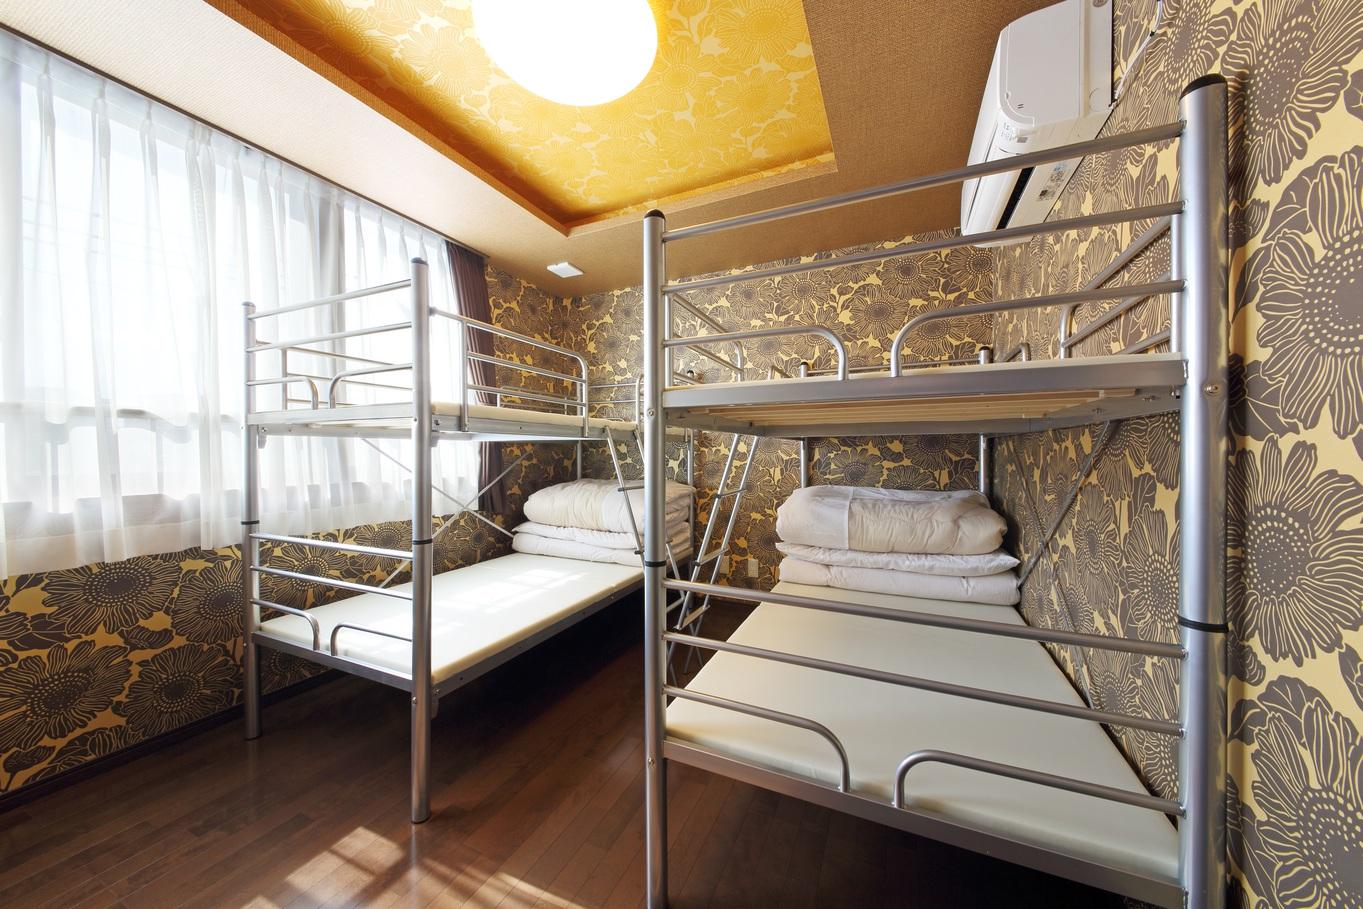 2段ベッドの1台 ドミトリー相部屋 (下段ベッドのみカーテン付き)